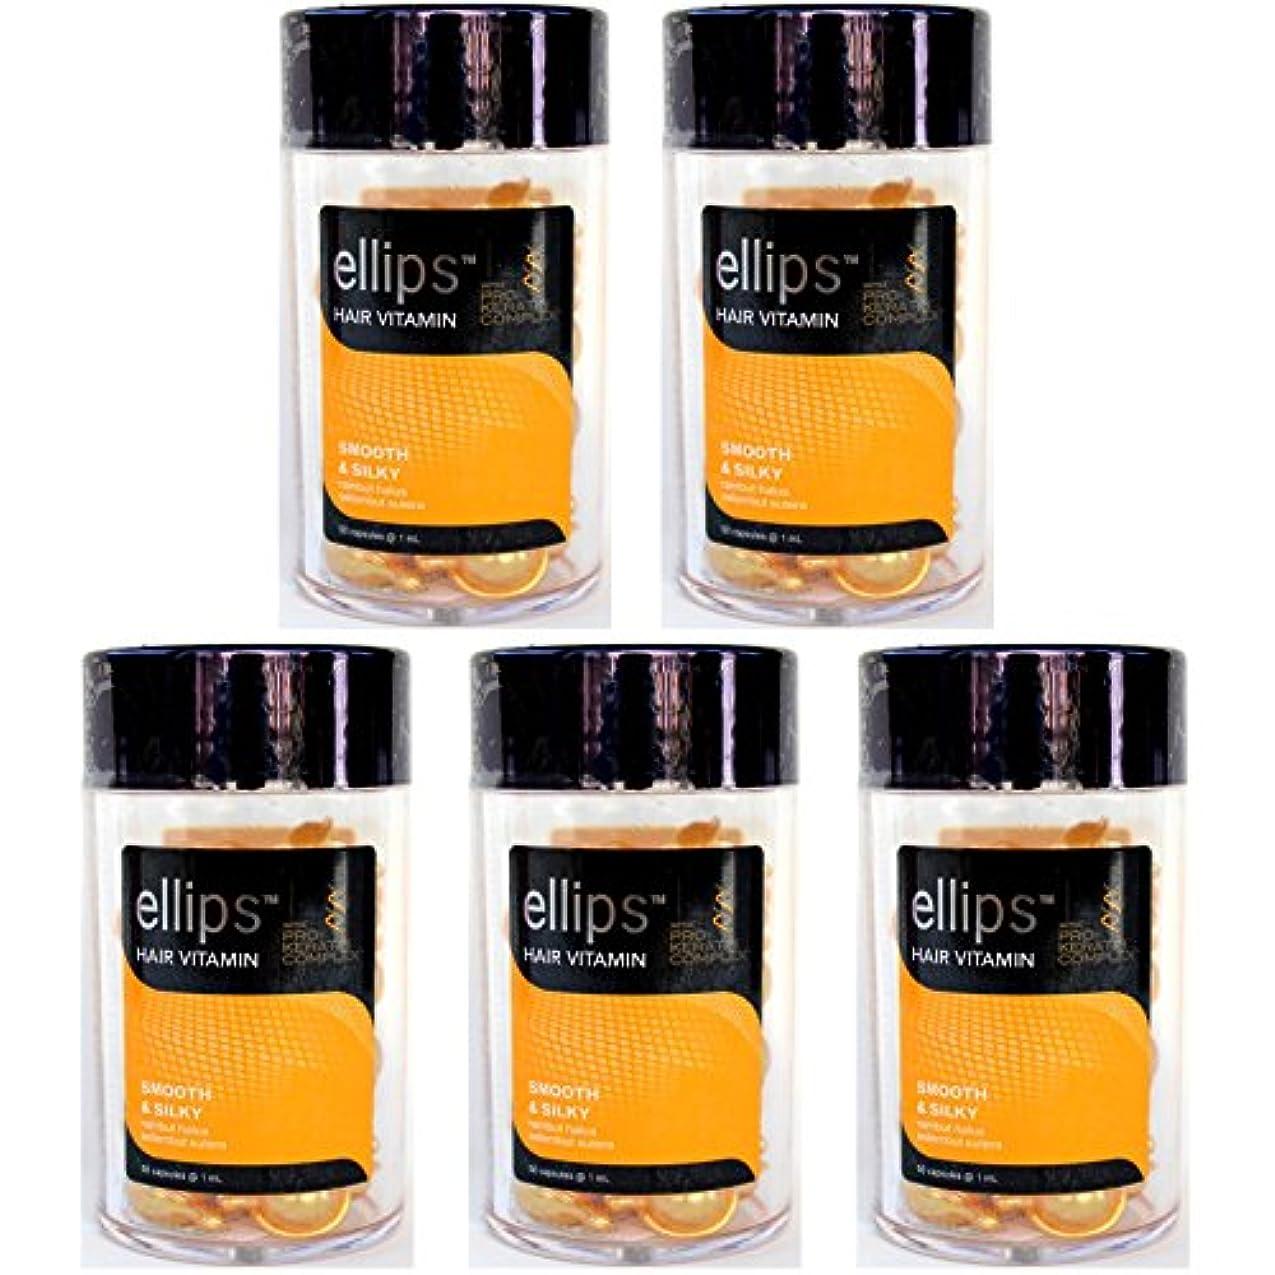 ほのか謙虚正統派ellips エリプス Hair Vitamin ヘア ビタミン Pro-Keratin Complex プロケラチン配合 SMOOTH & SILKY イエロー ボトル(50粒入) × 5本 セット [並行輸入品][海外直送品]